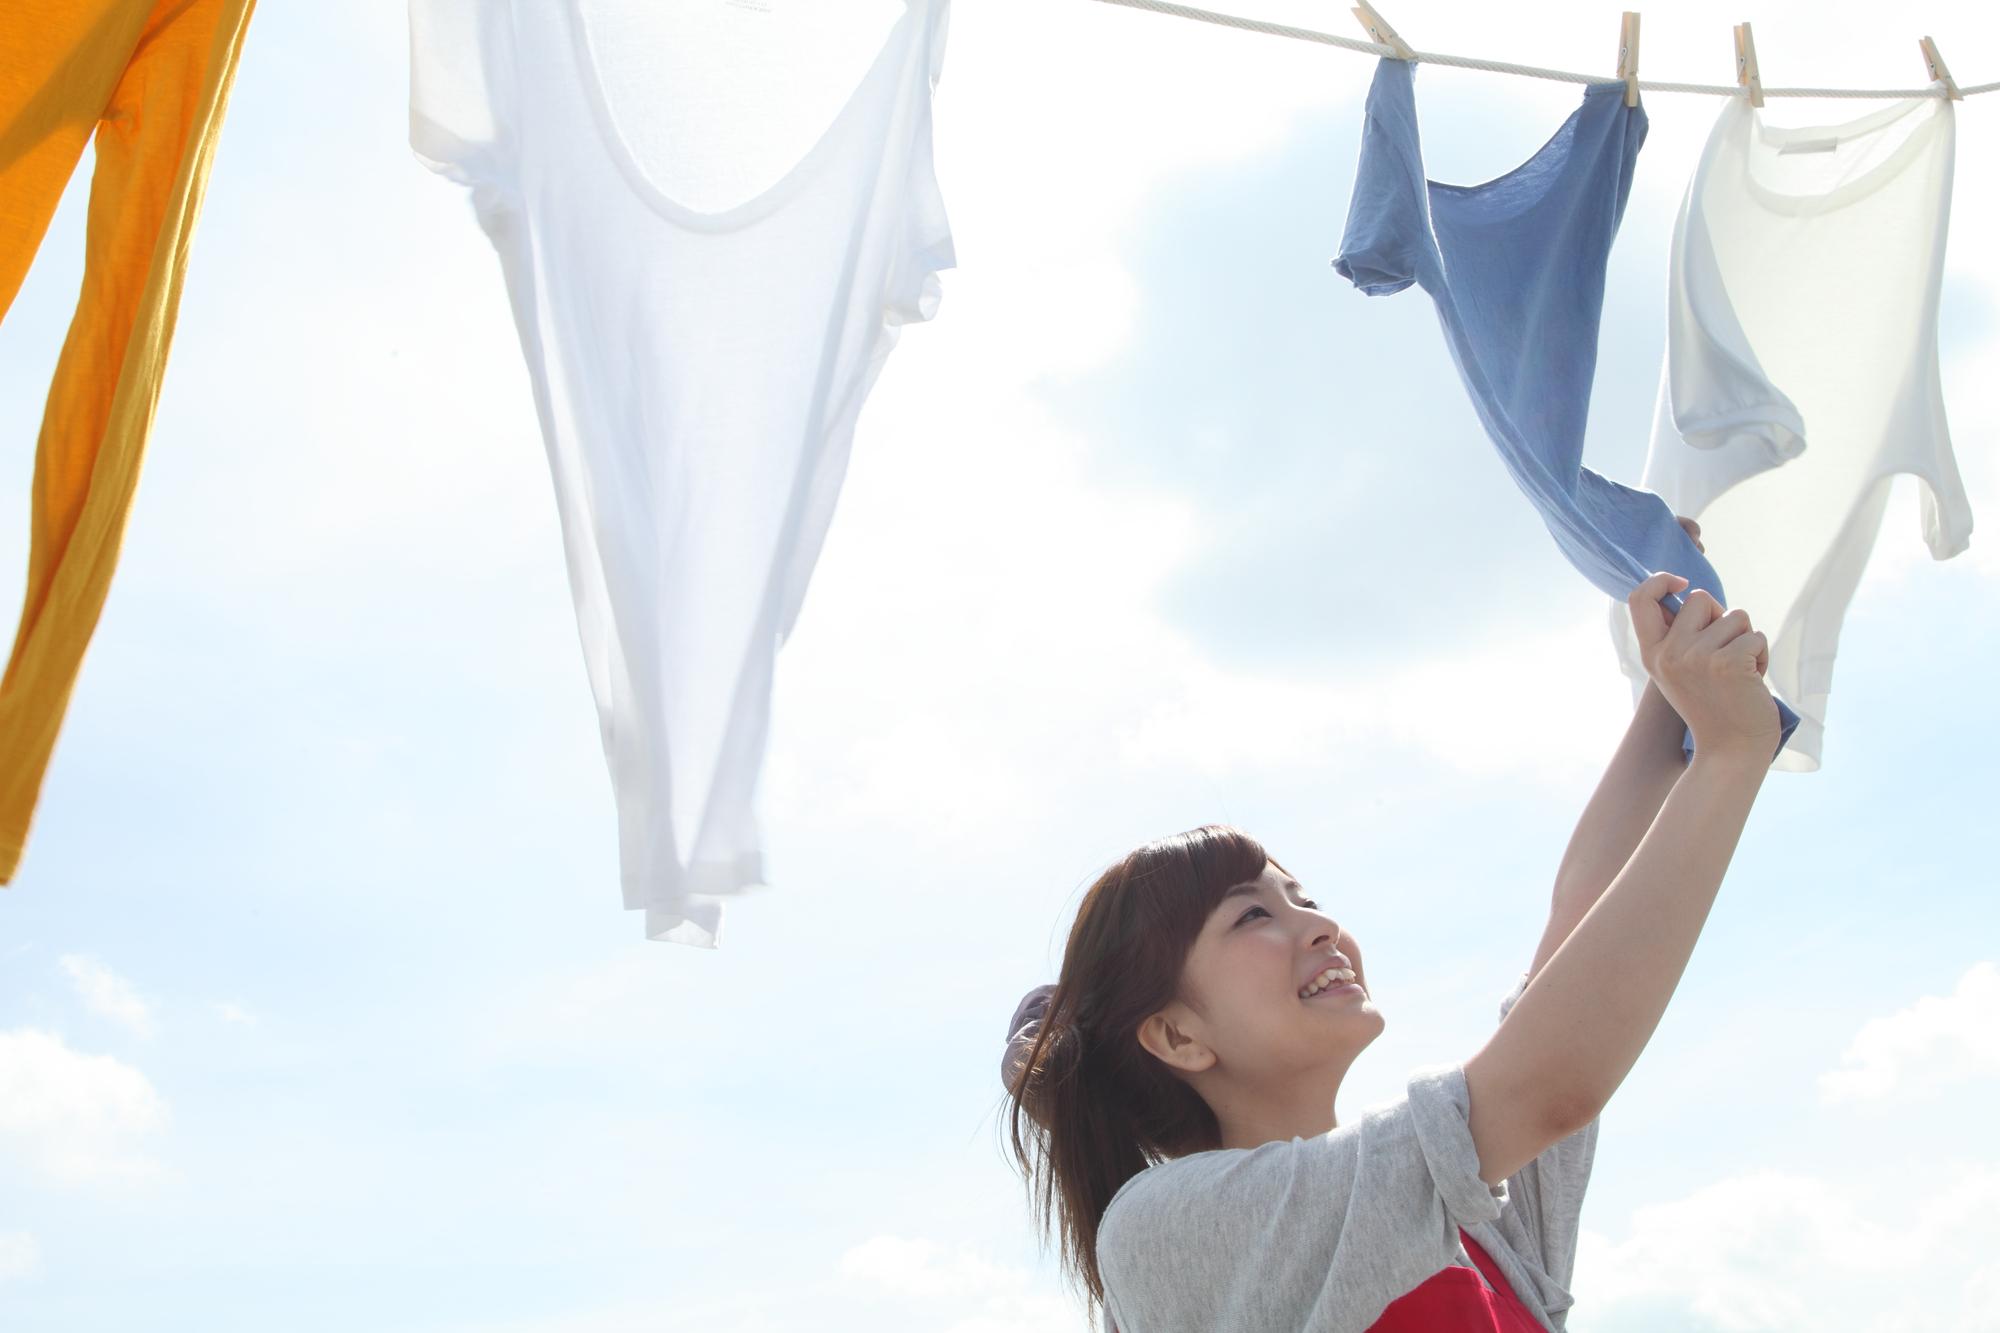 カシミヤは水洗いできるの?カシミヤの正しい洗濯方法を解説